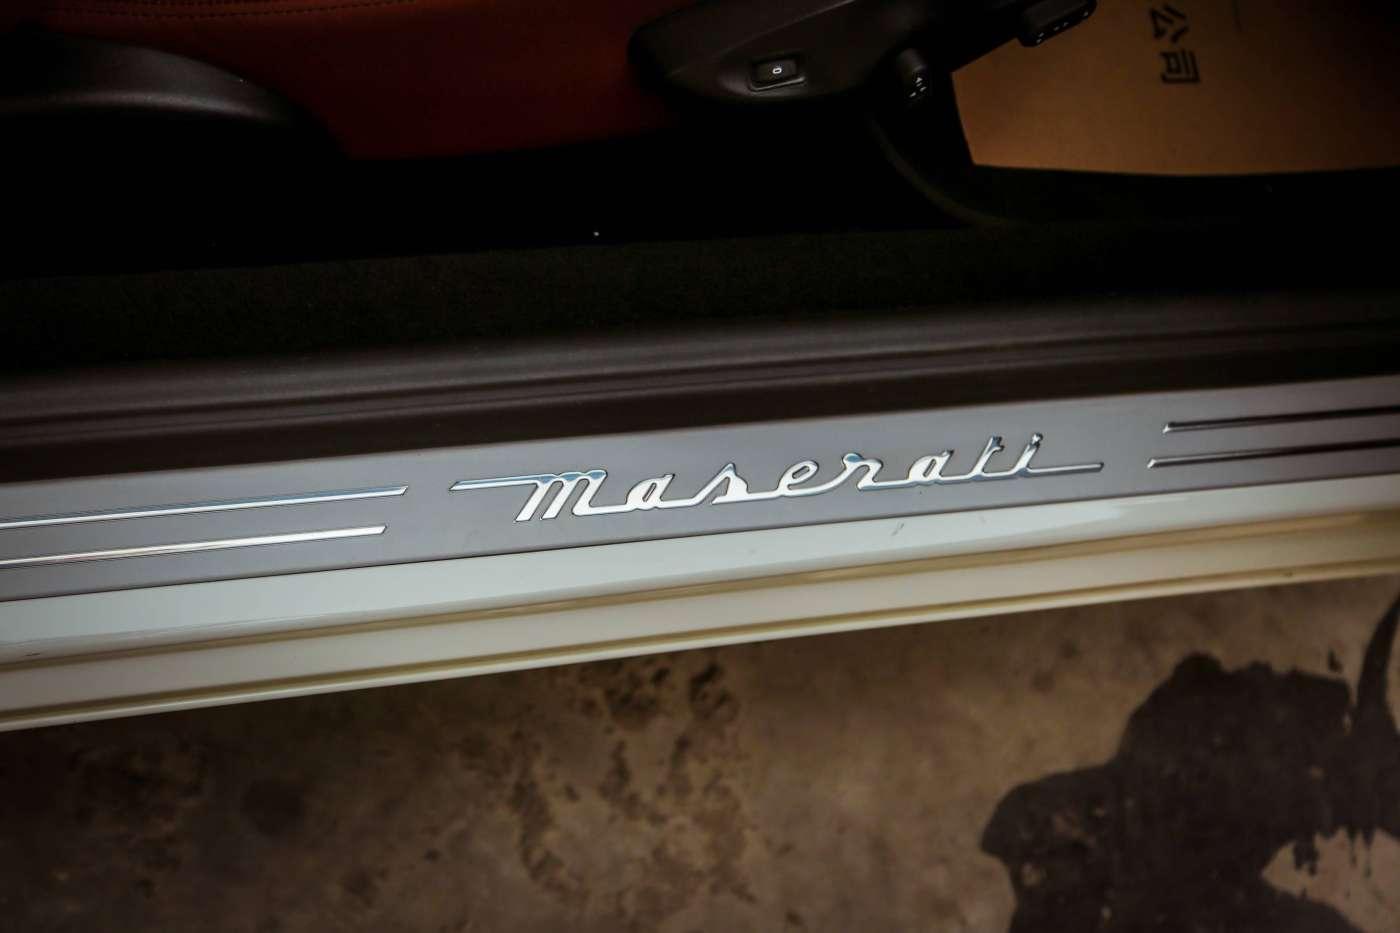 2015年01月 玛莎拉蒂 GranTurismo 2007款 4.2L 标准版 |甄选玛莎拉蒂-北京卡斯基汽车服务重庆彩票